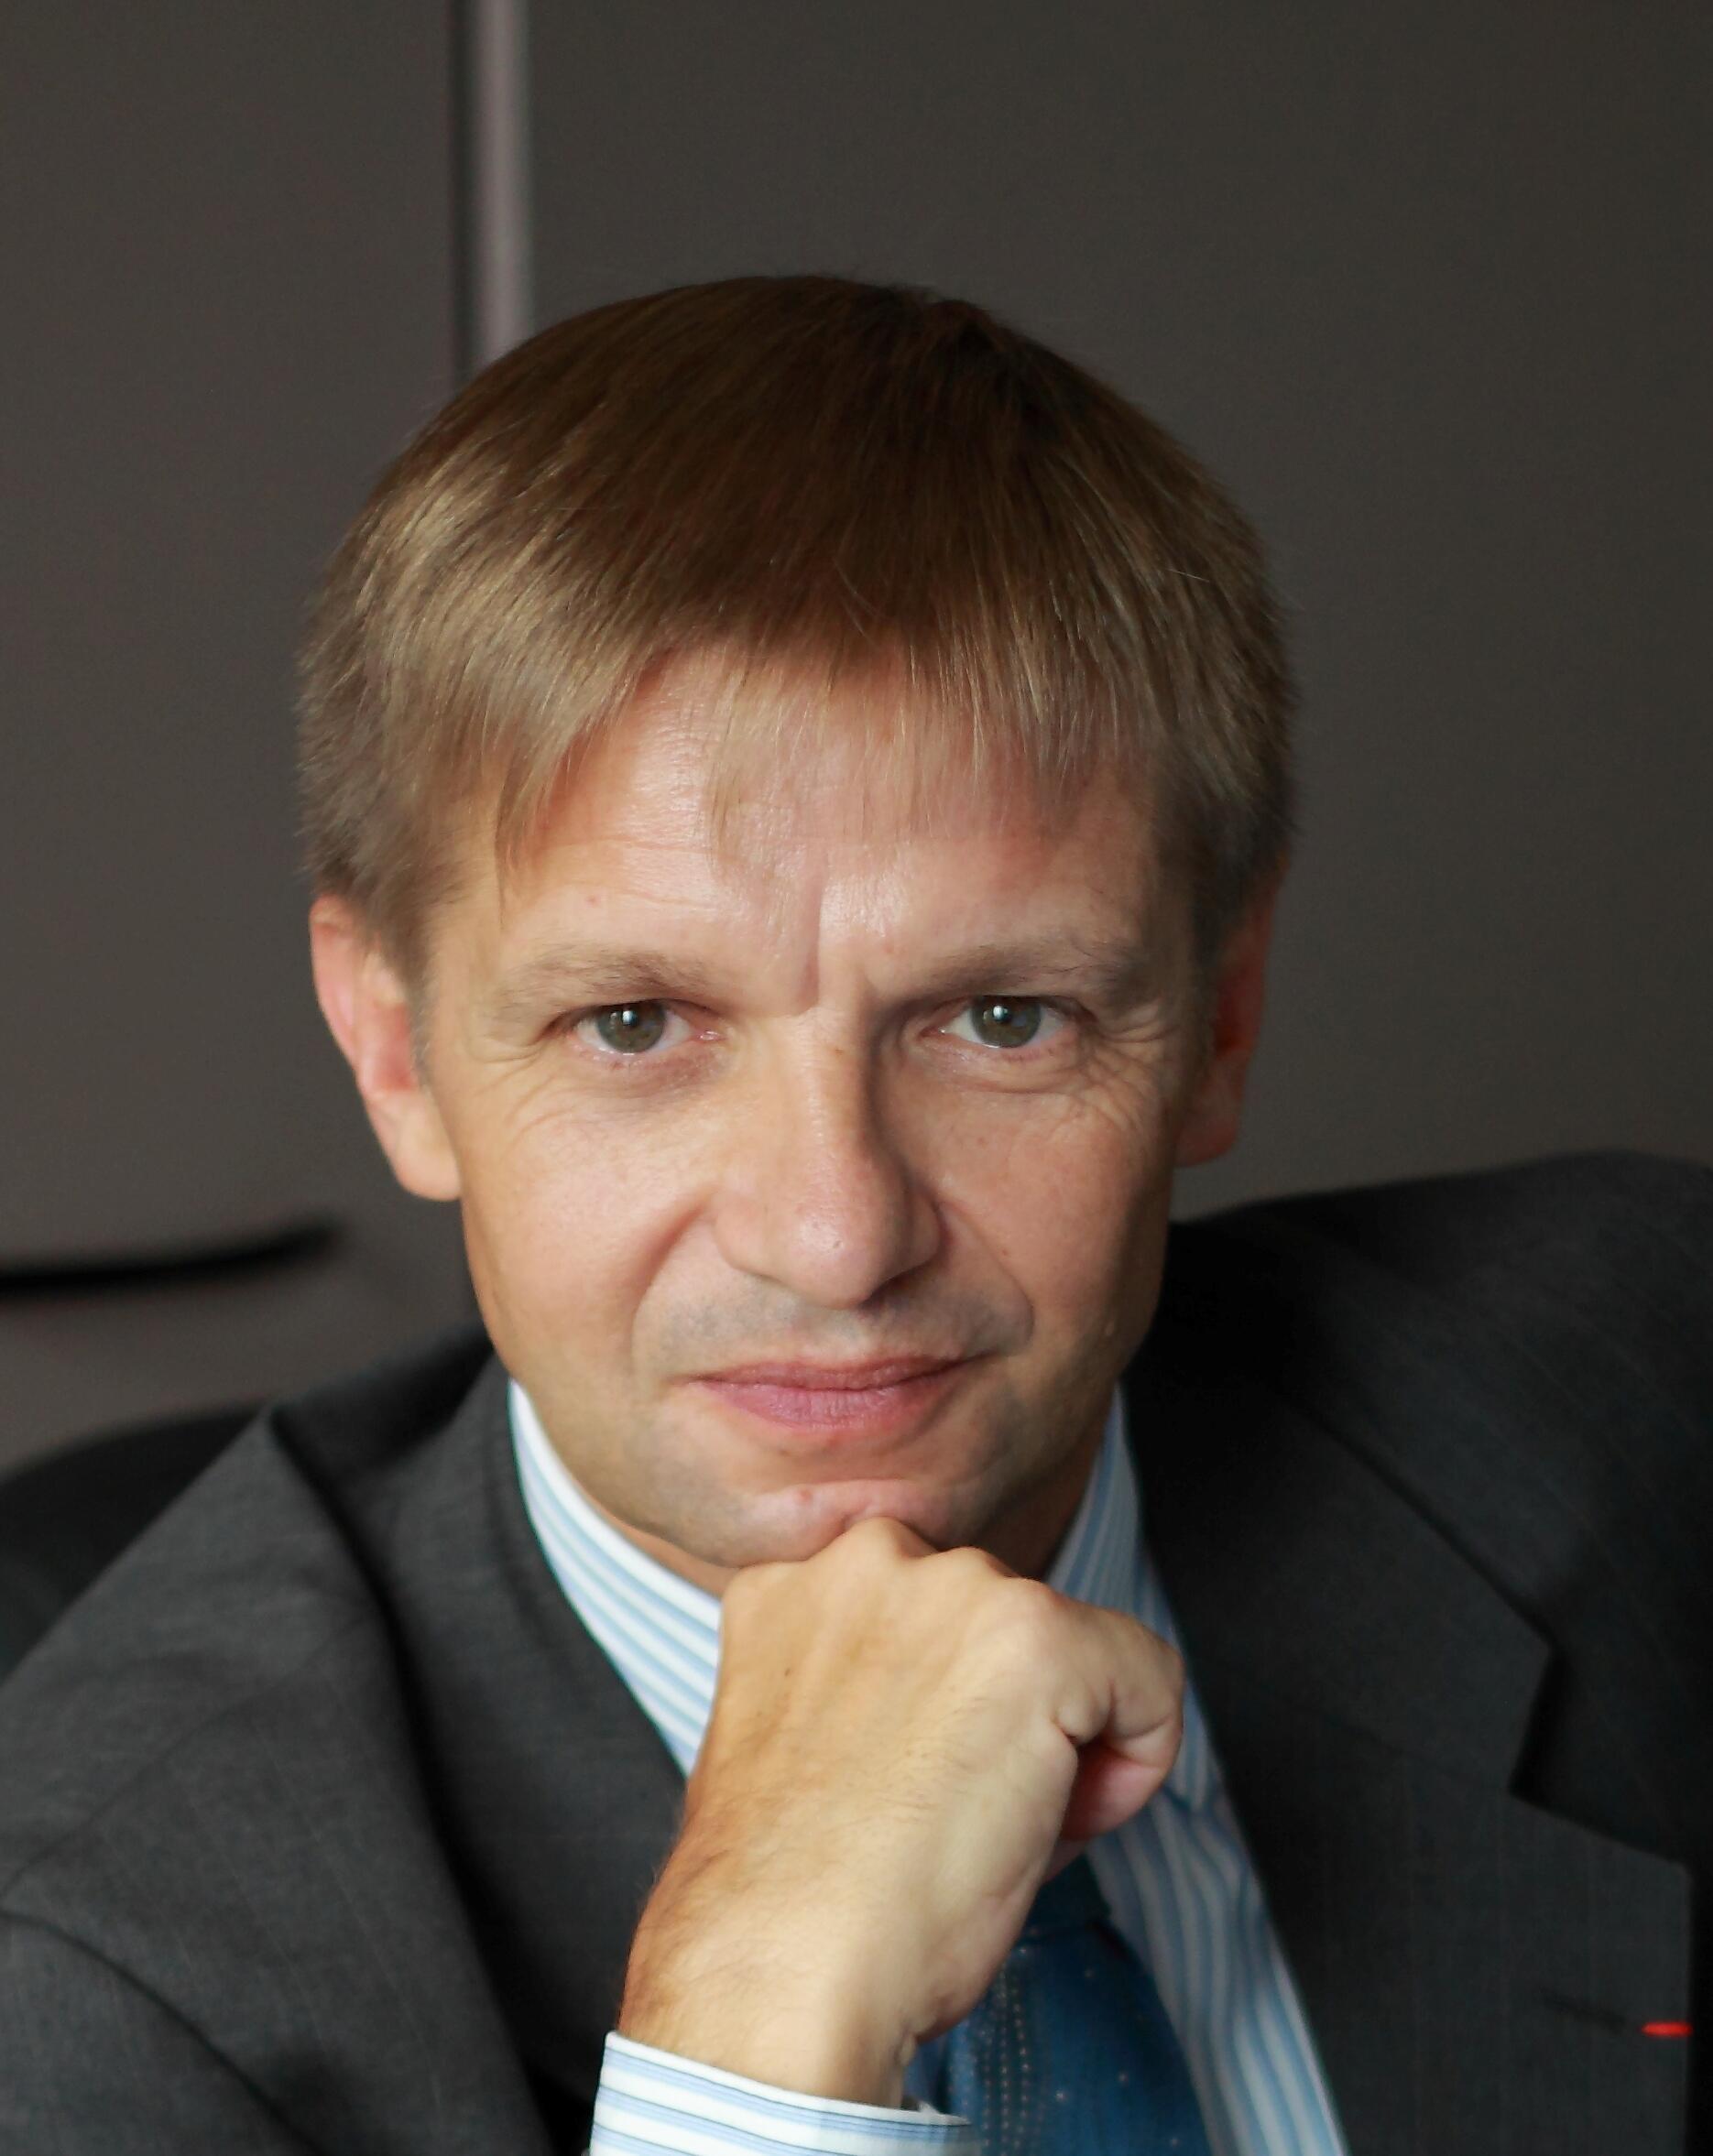 Филипп Пегорье (Philippe Pegorier), председатель правления НП «Ассоциации европейского бизнеса» (Association of European Businesses)